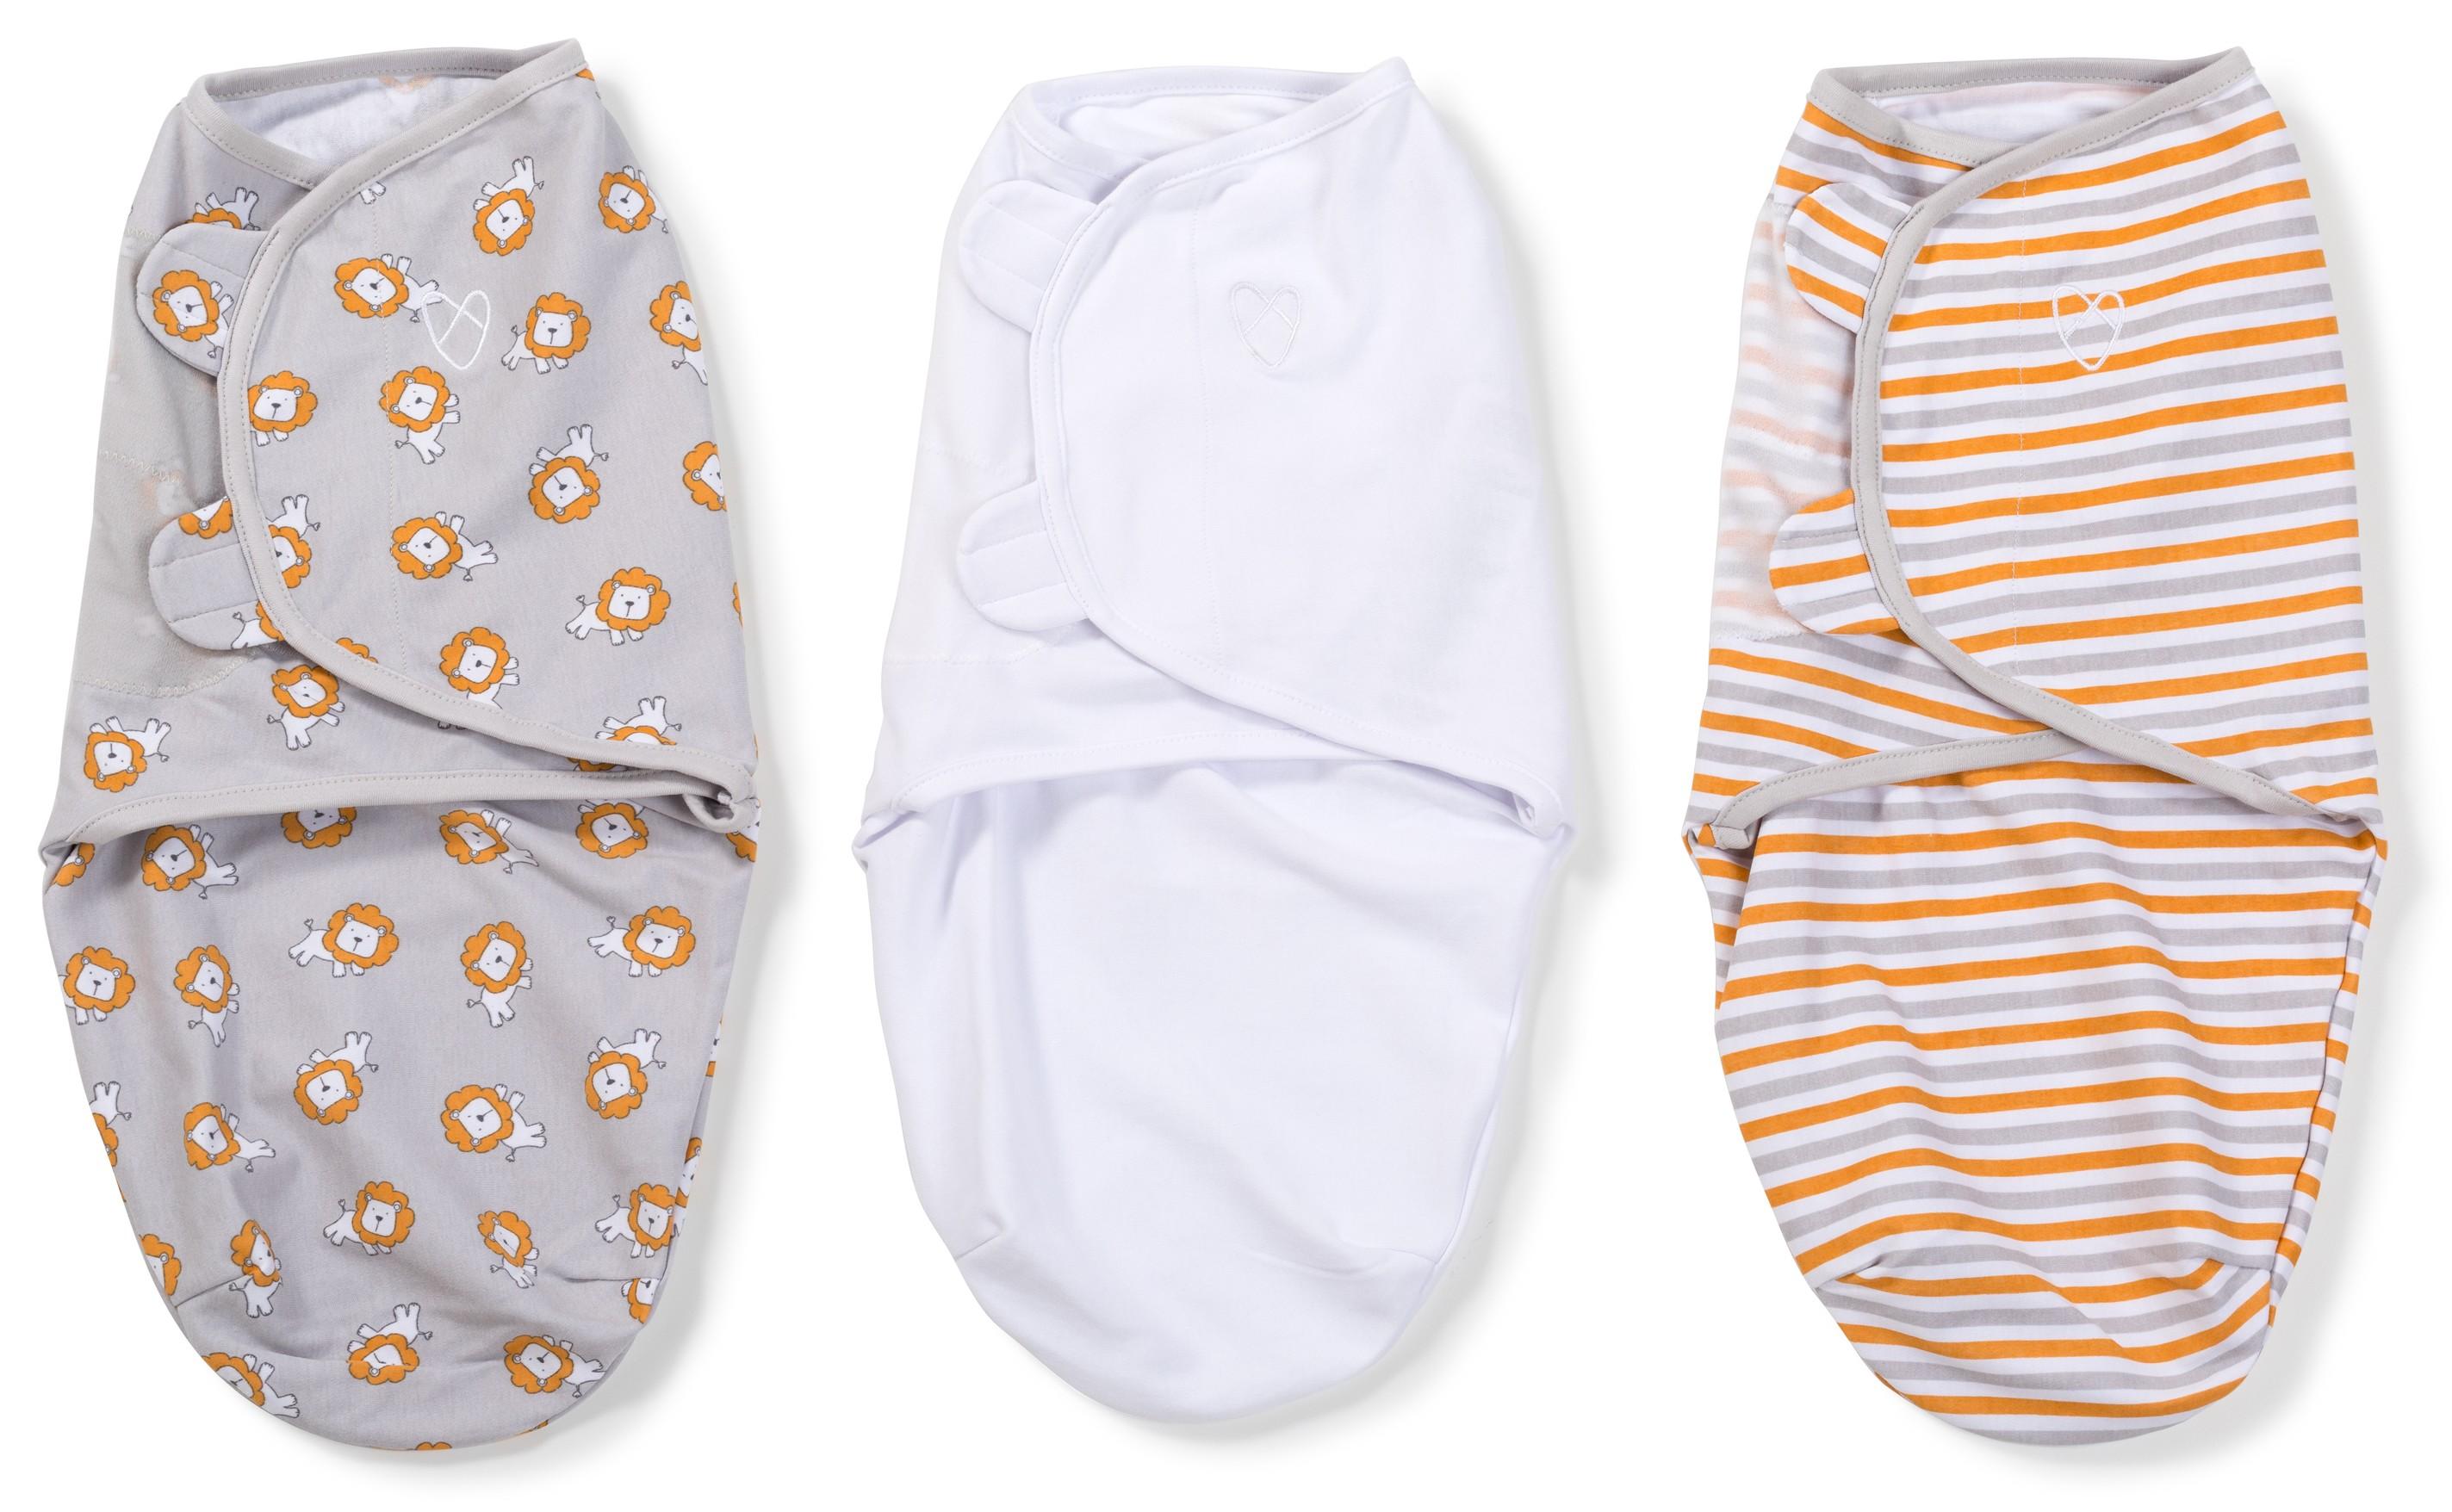 Summer Infant SwaddleMe zavinovačka sada 3ks Lvi, proužky, bílá- Doprava zdarma velikost: S (3,2-6,4kg) od narození do cca 3 měsíců